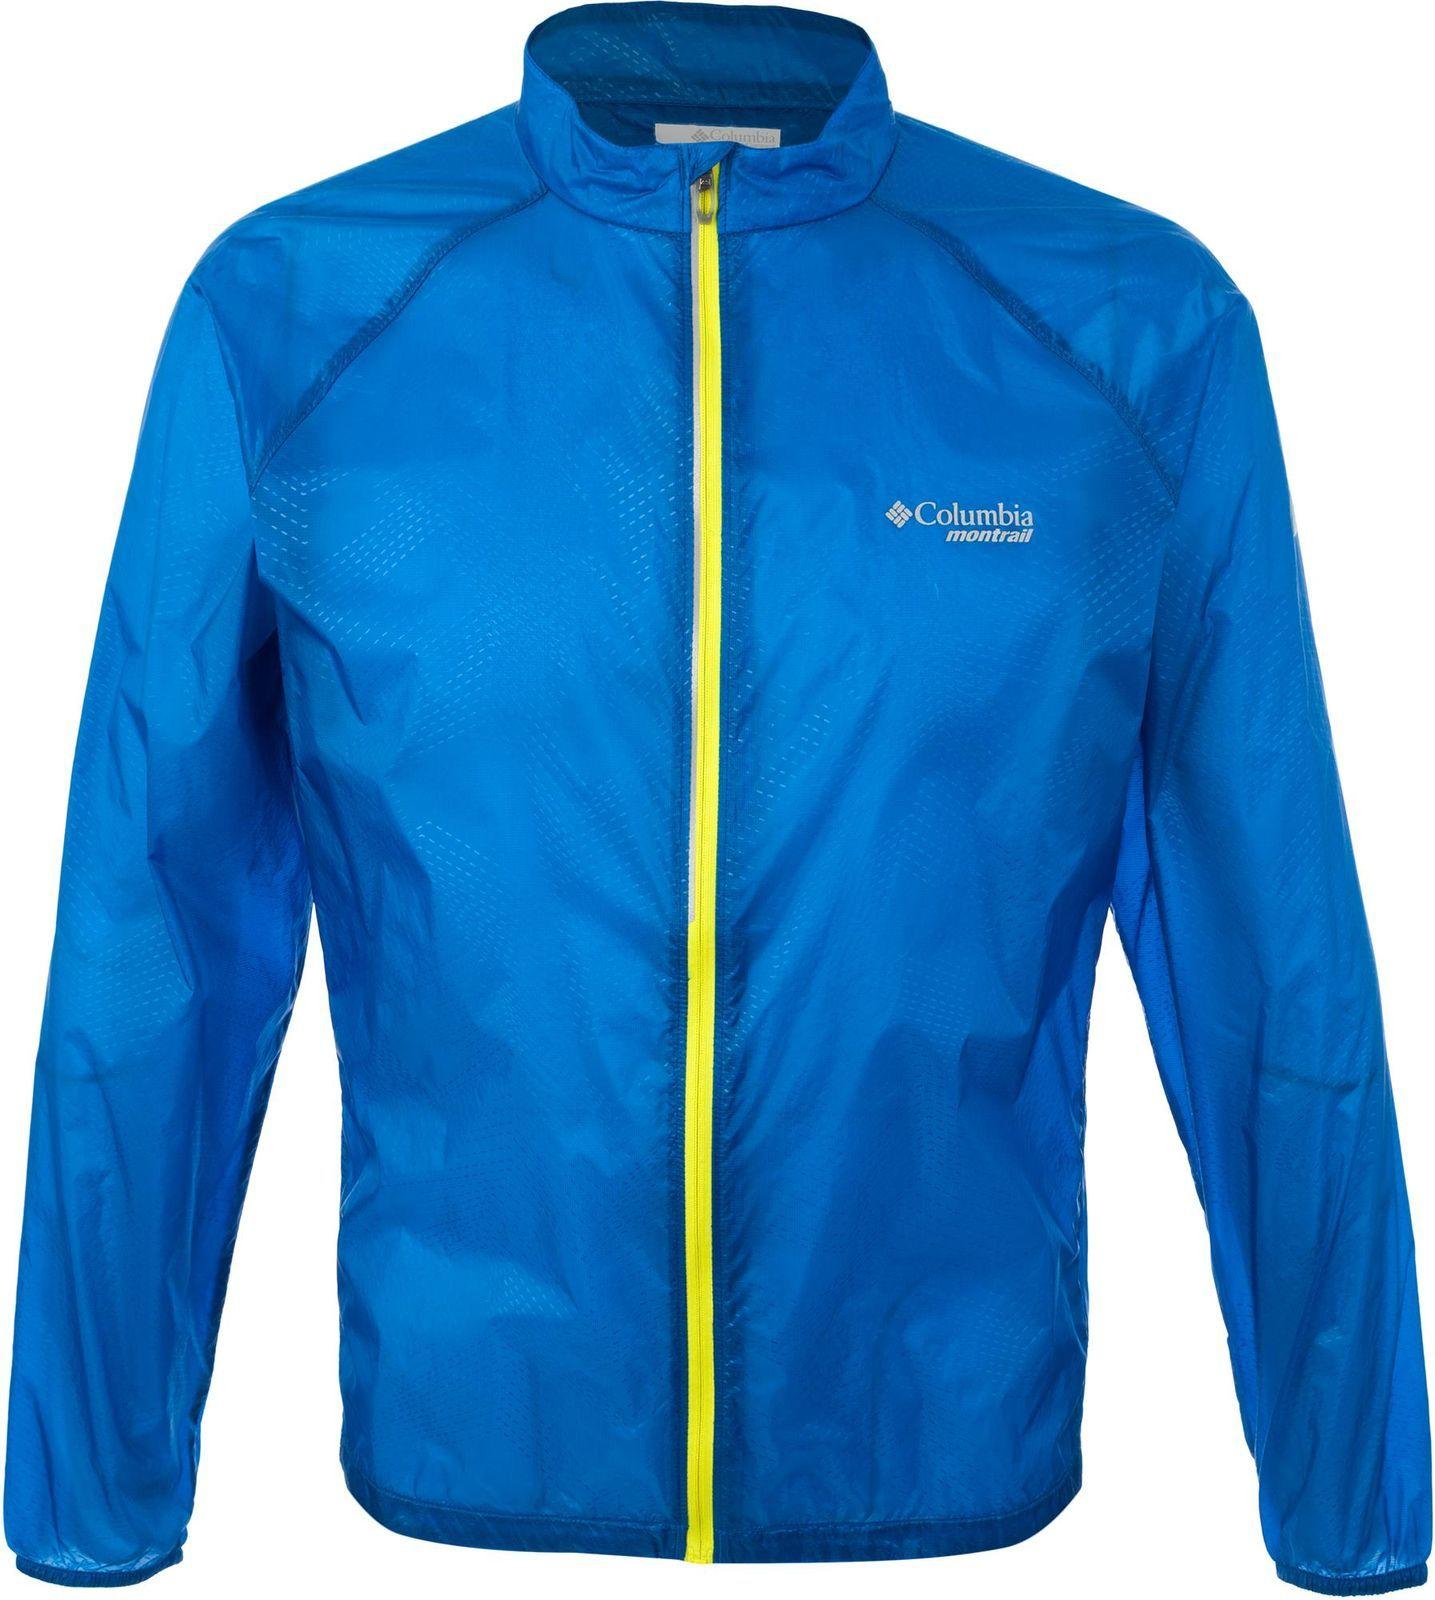 Ветровка Columbia F.K.T. Wind Jacket ветровка мужская columbia tolmie butte jacket цвет черный 1771522 011 размер m 46 48